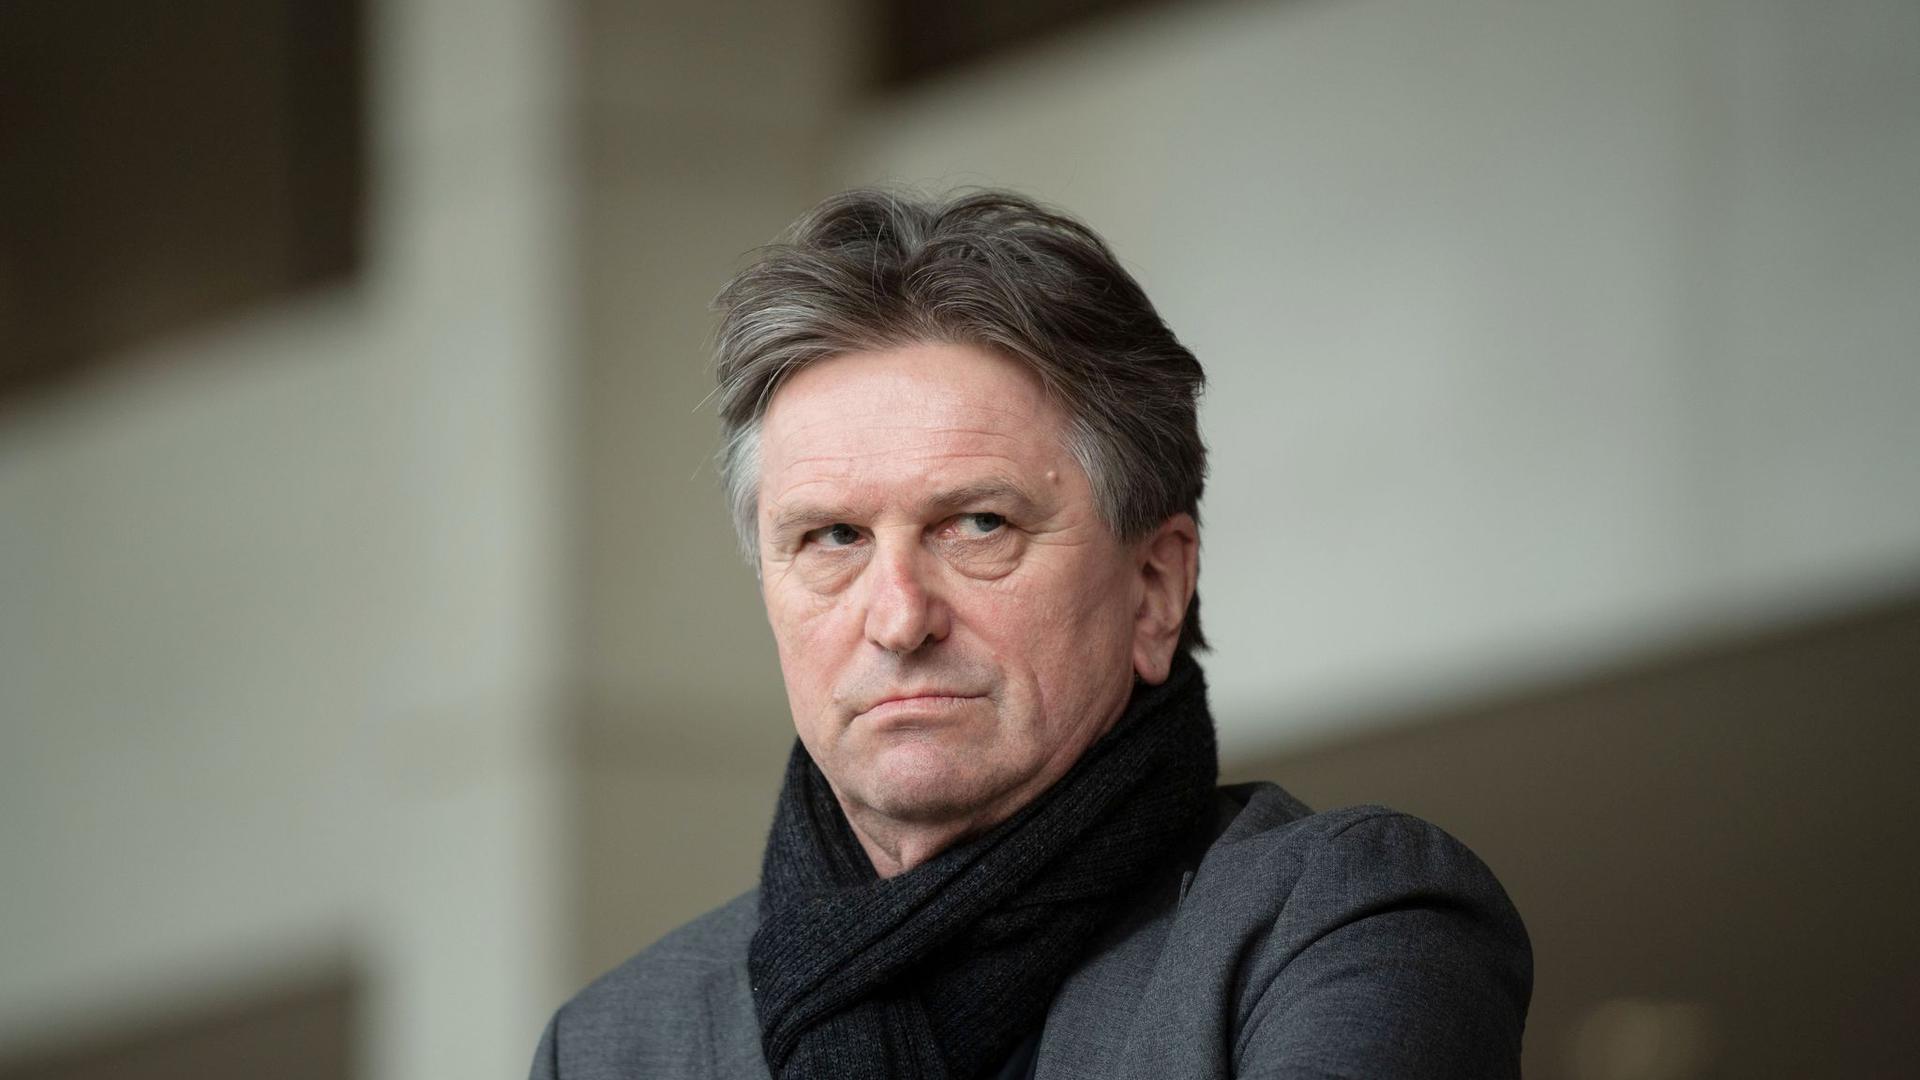 Manfred Lucha (Grüne), Gesundheitsminister von Baden-Württemberg, schaut in die Runde.